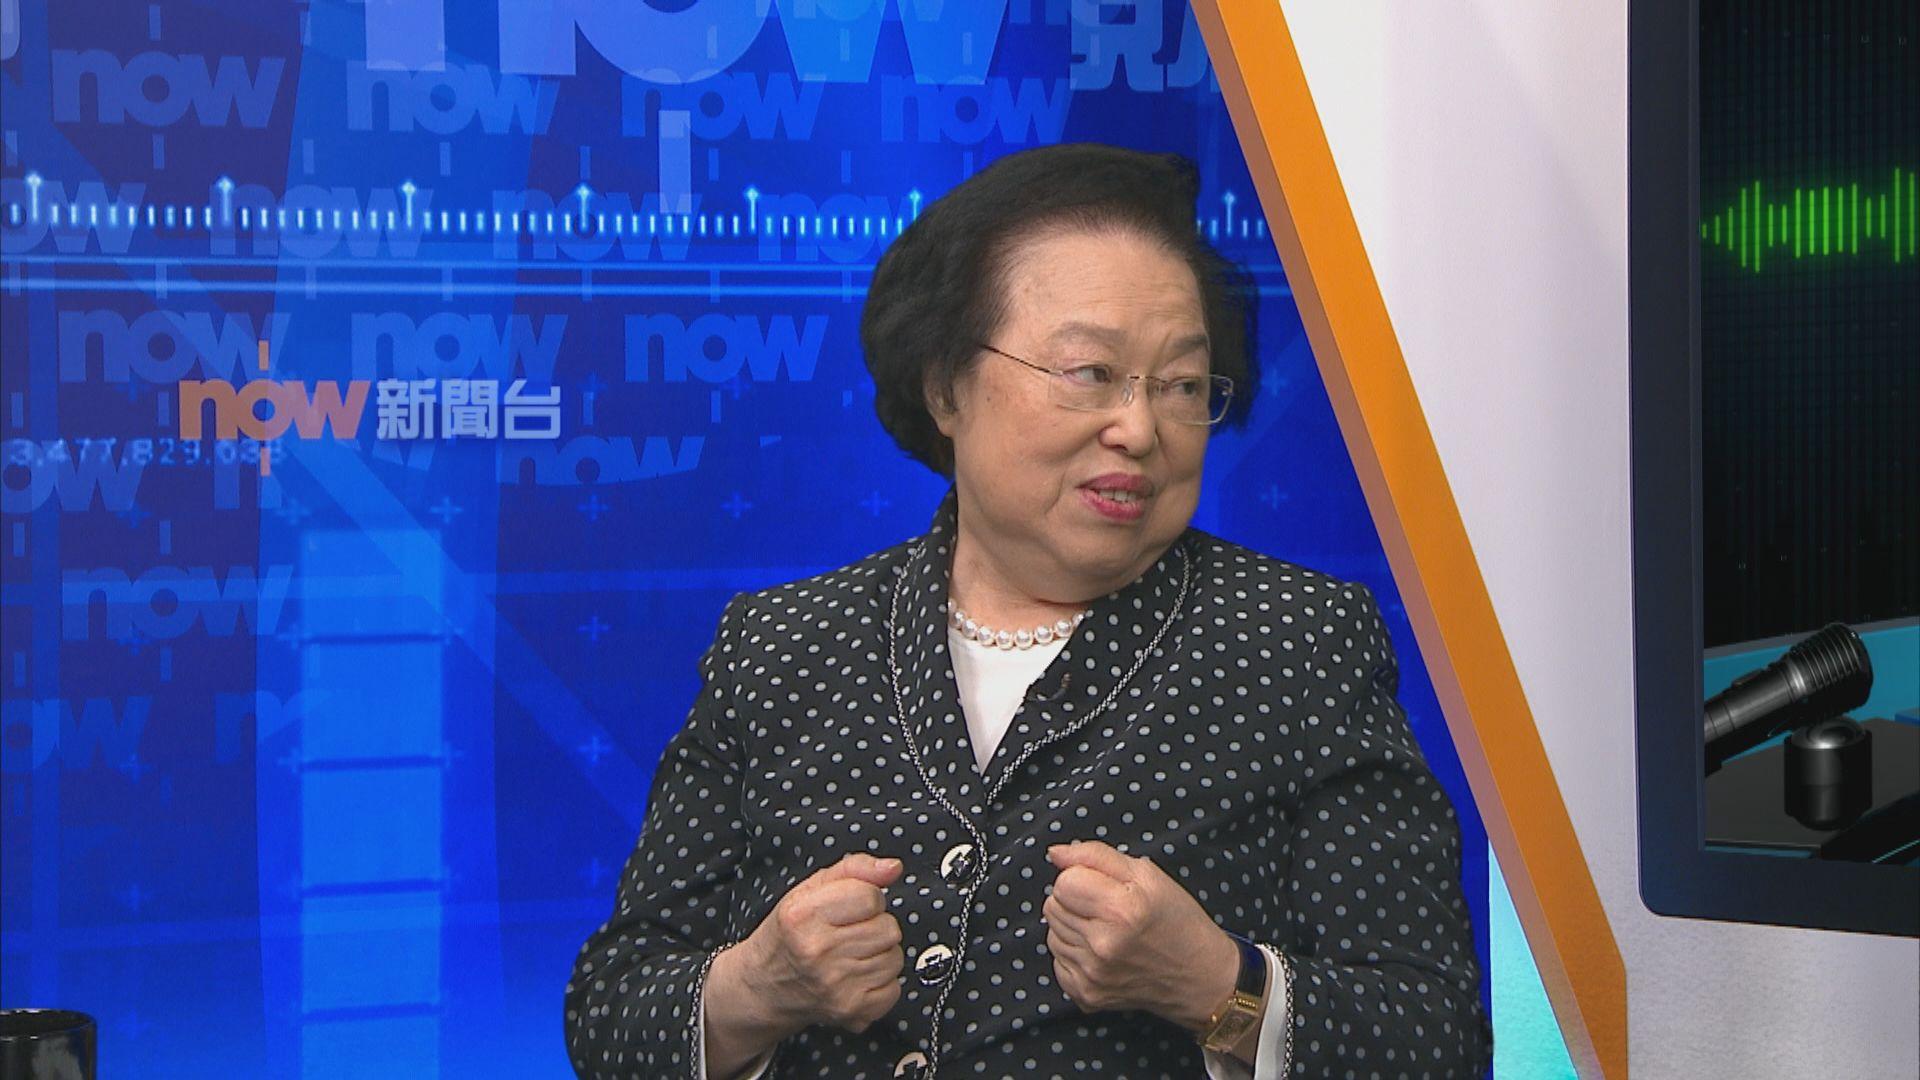 譚惠珠:禁蒙面法警惕年青人勿參與抗爭